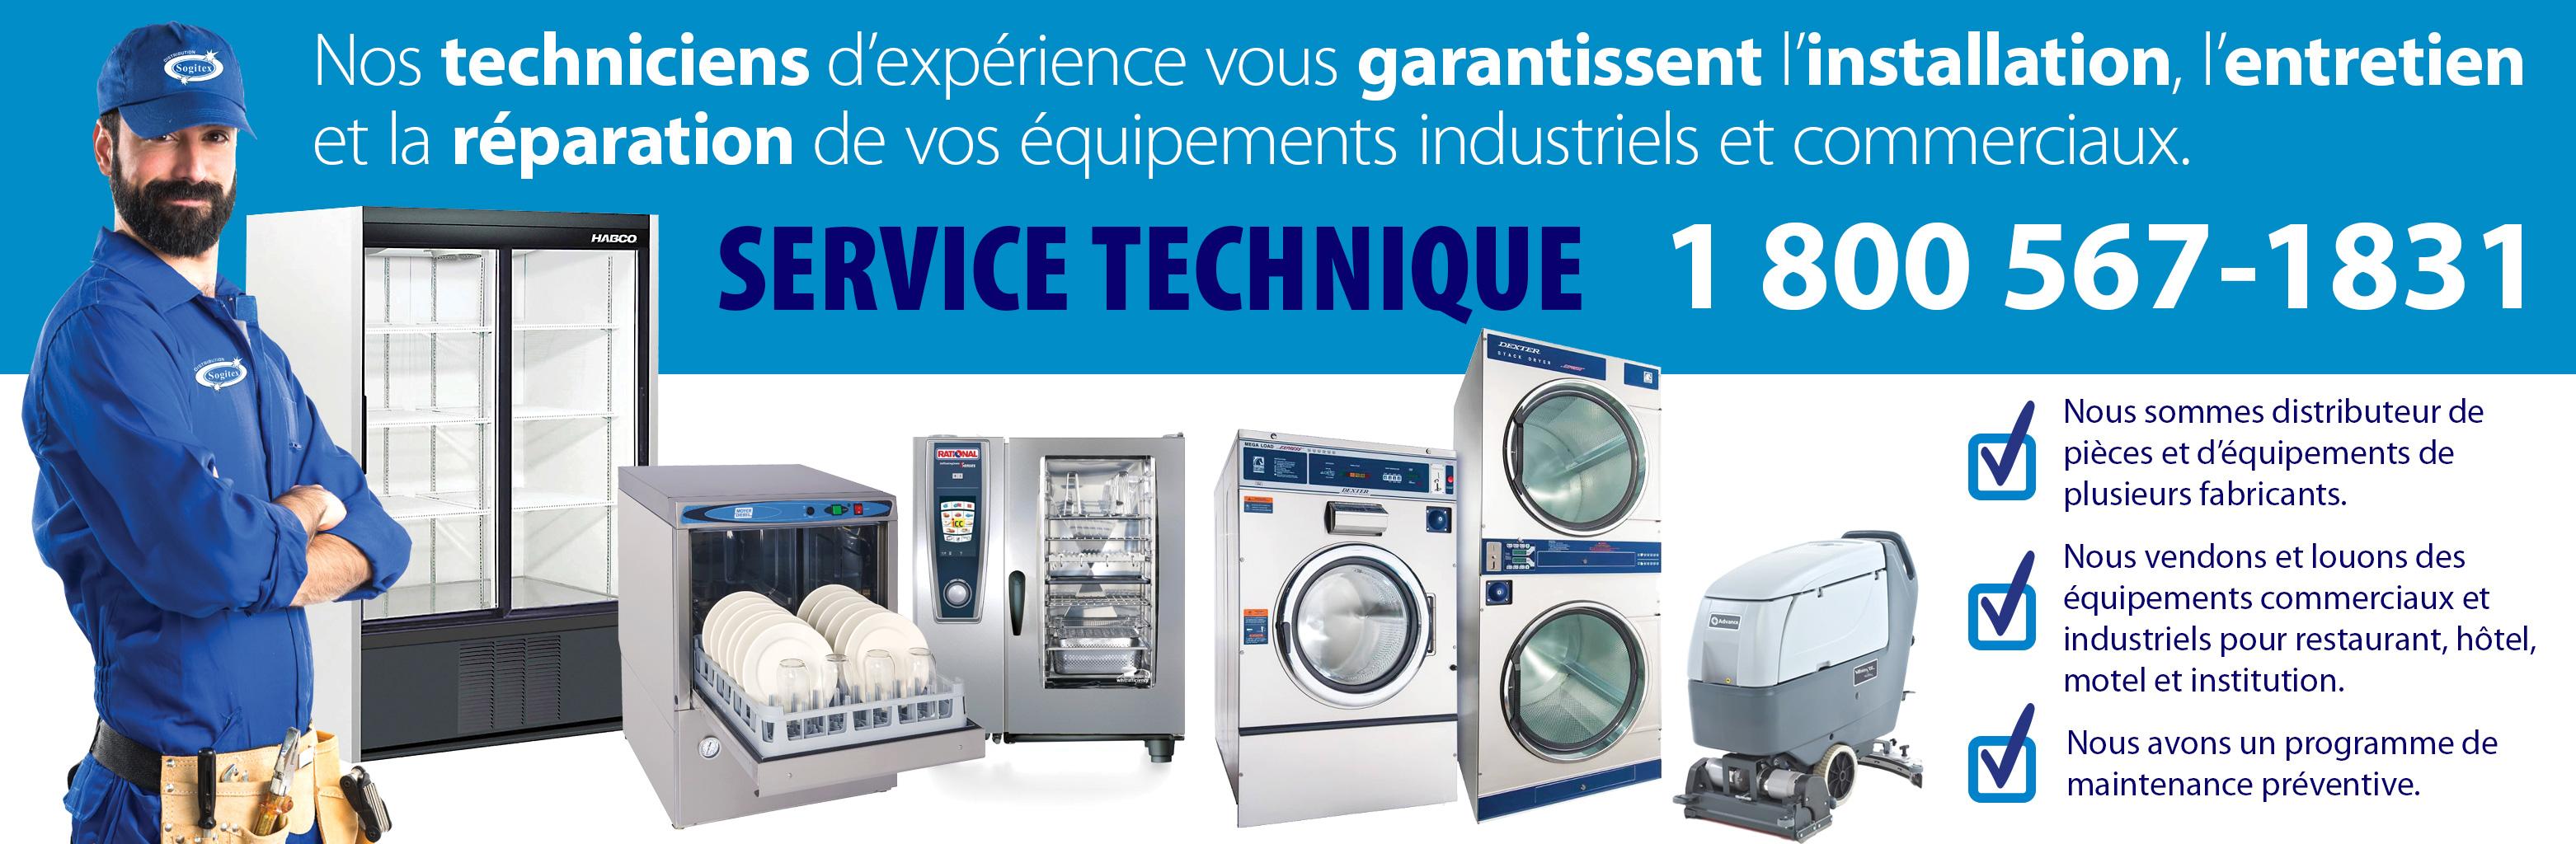 Banniere_Technique_fr